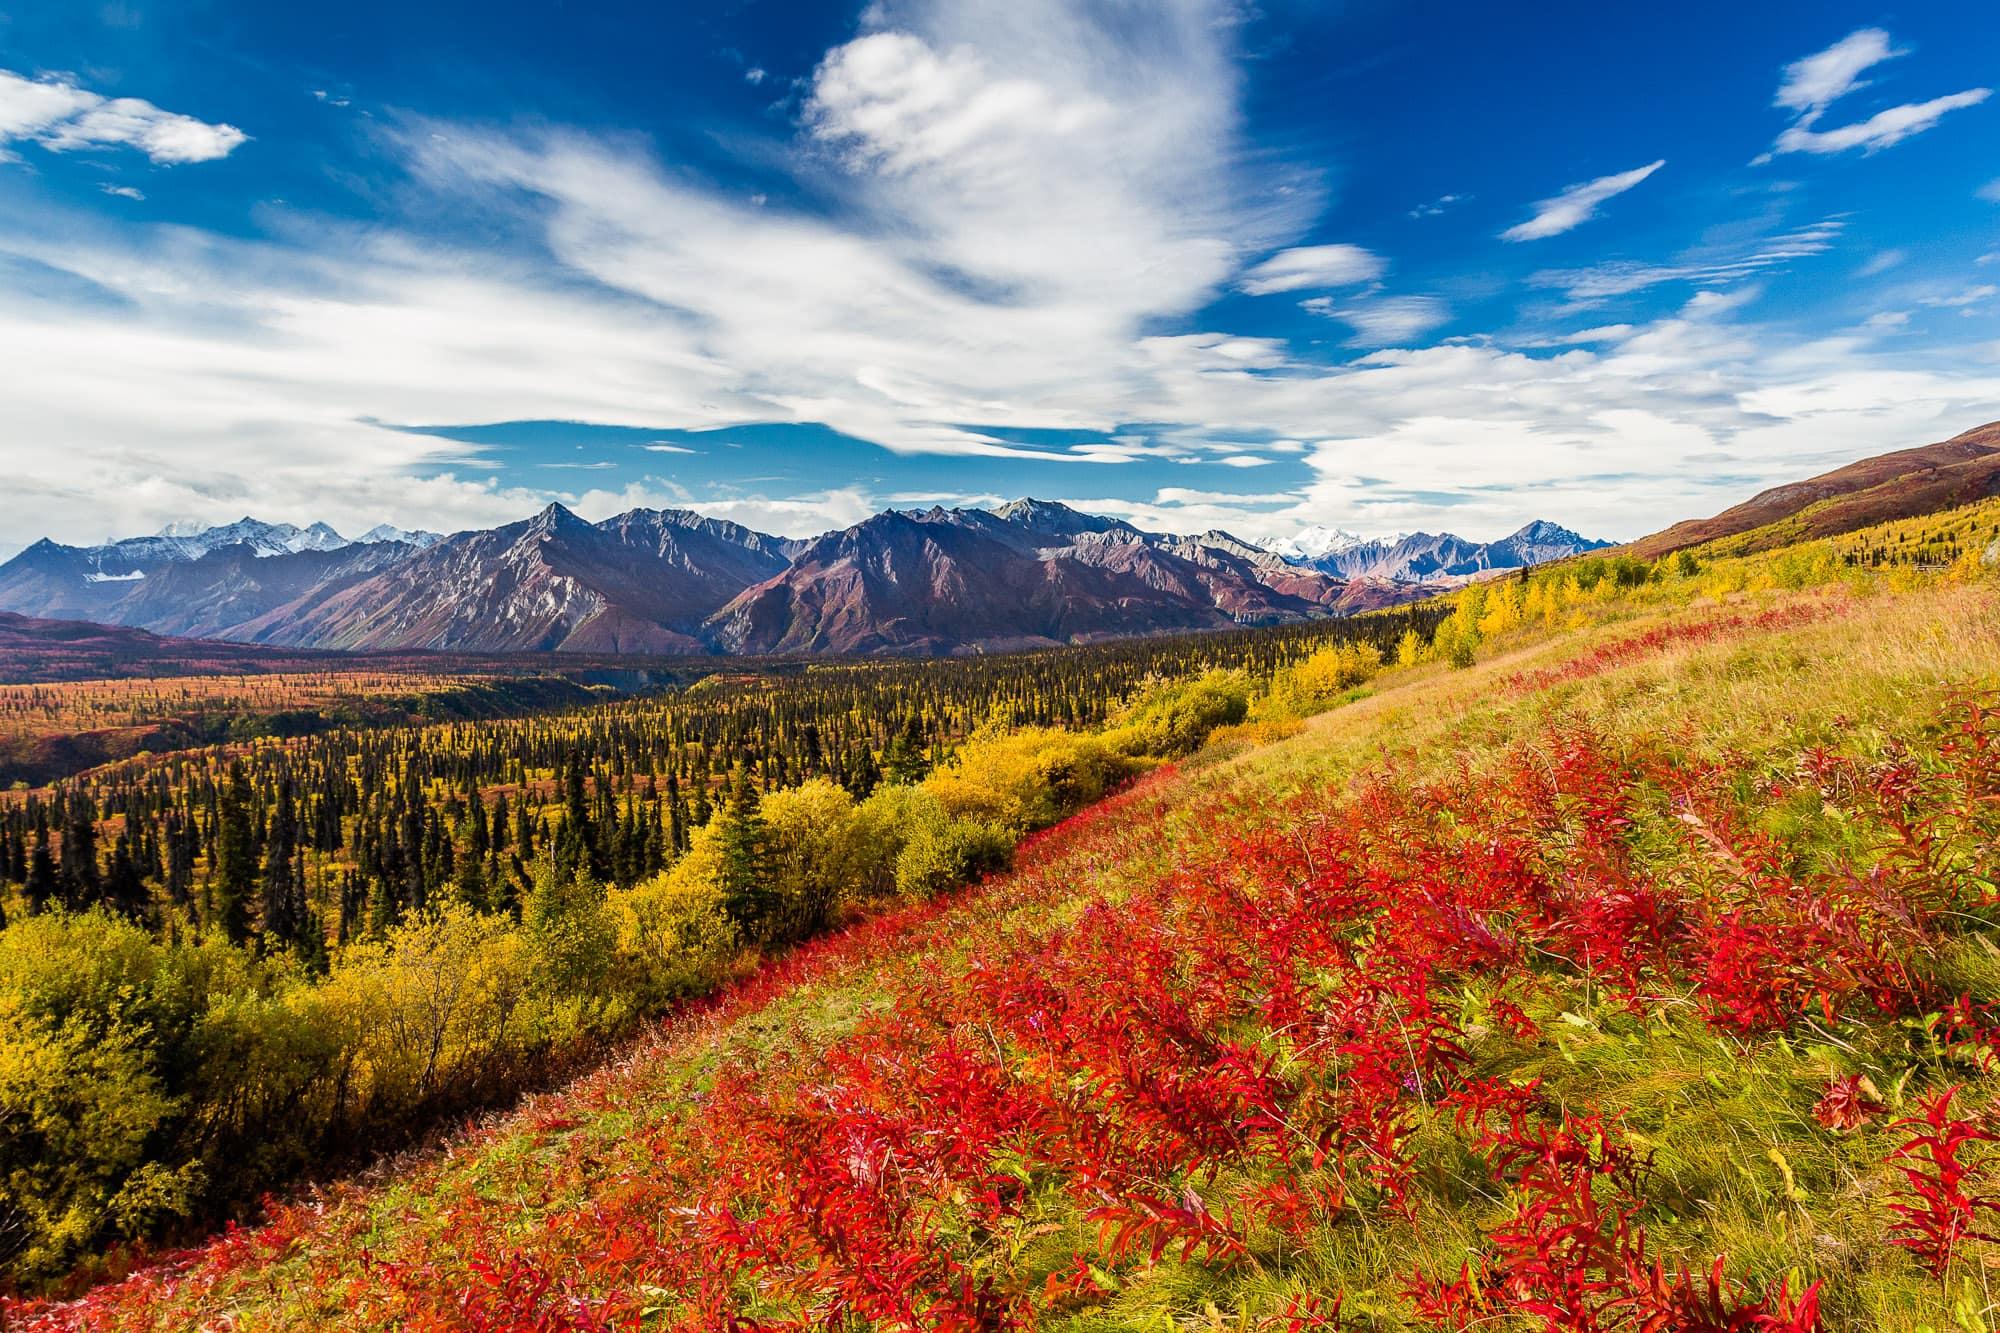 High mountains near Matanuska glacier in fall, Alaska